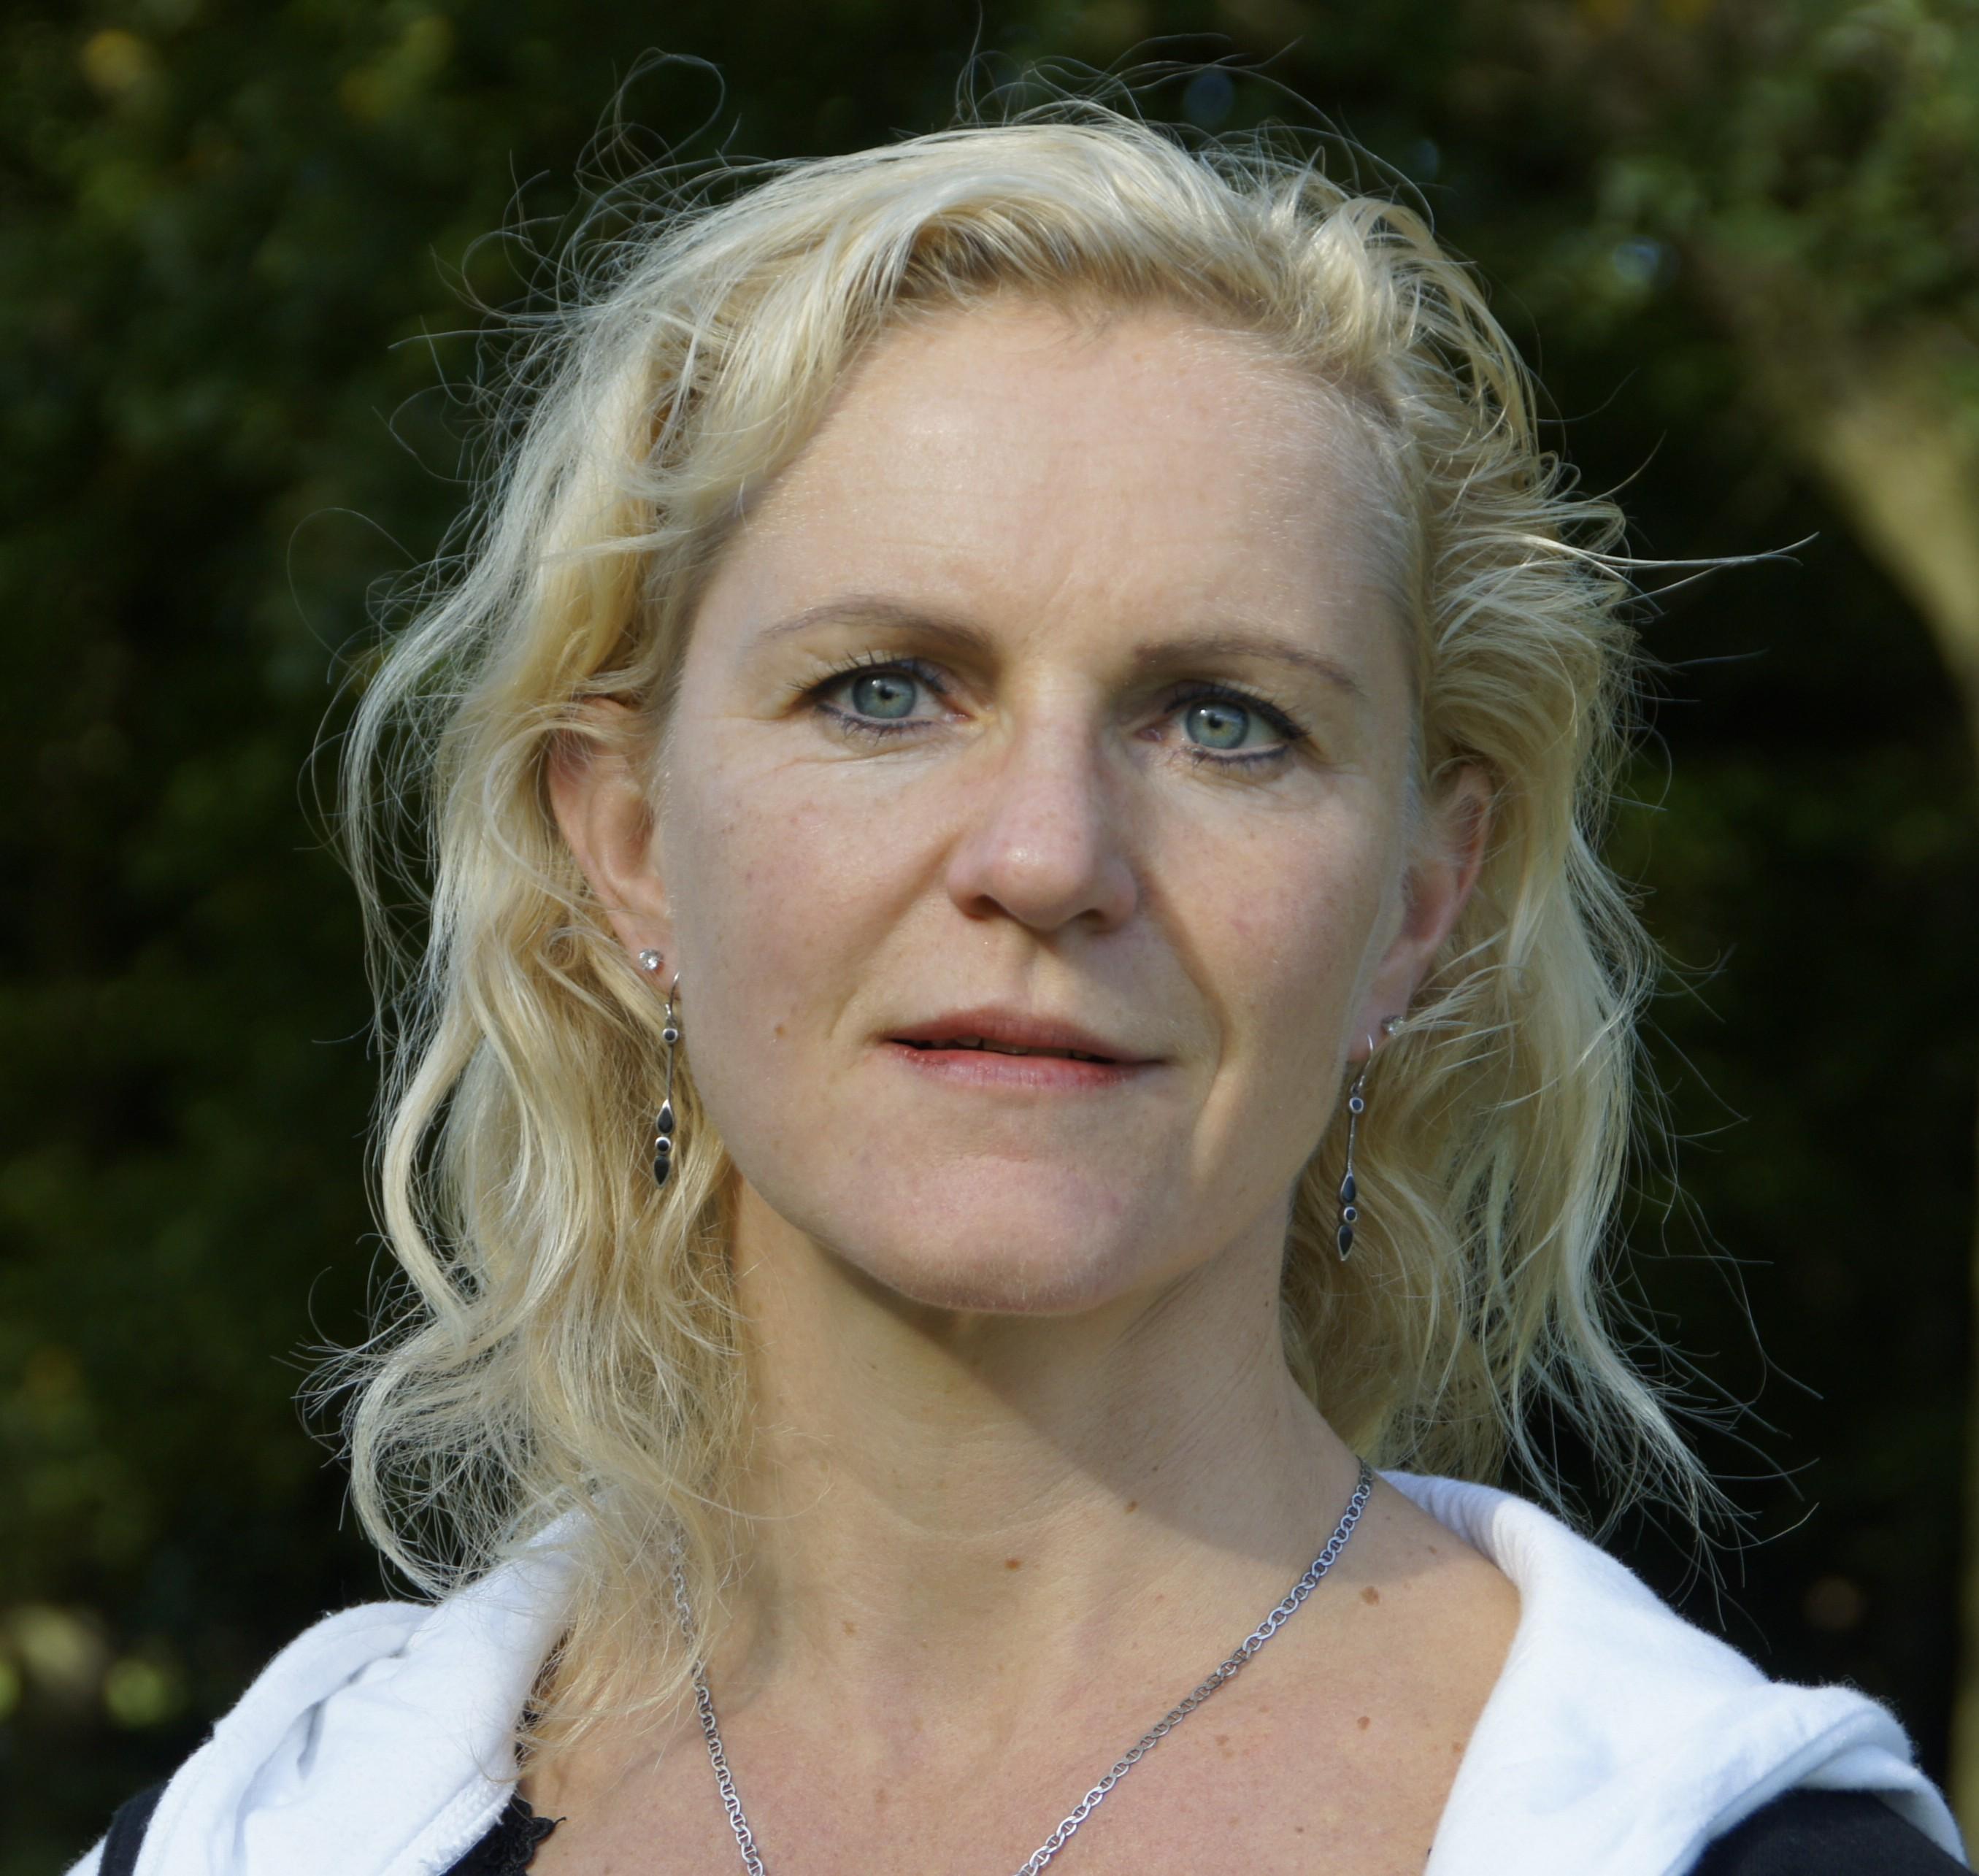 Jacqueline van Diepen